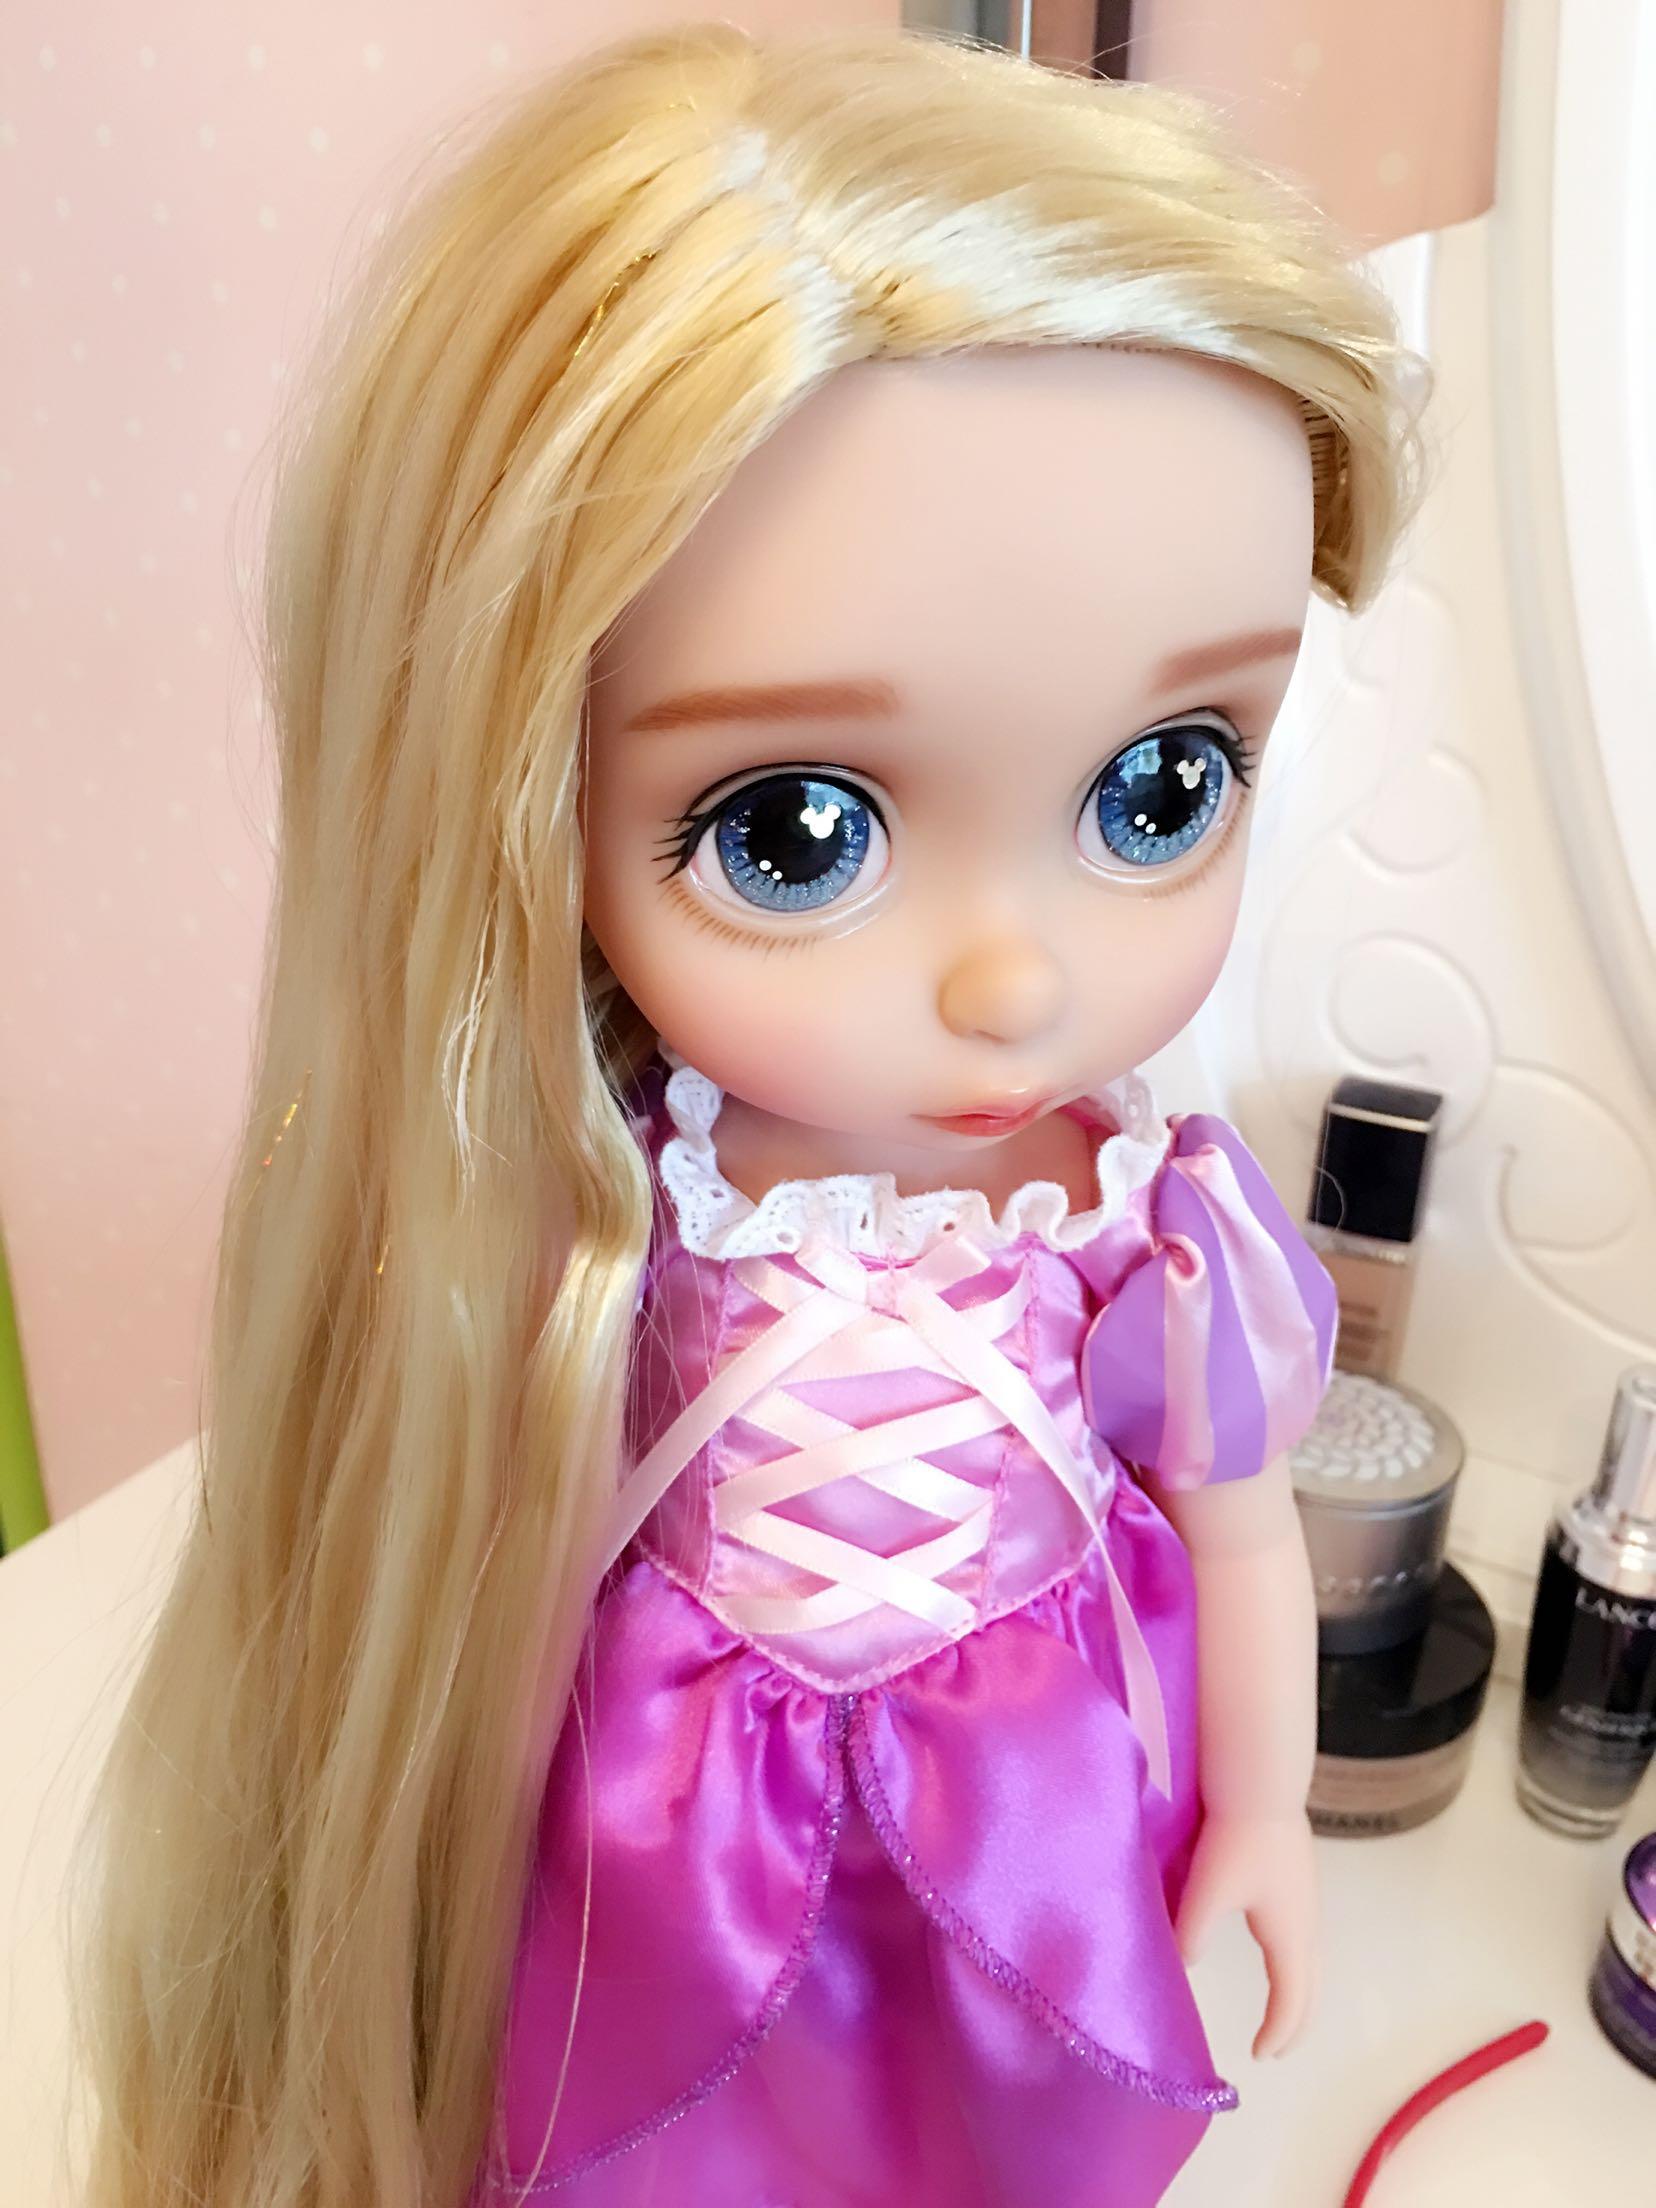 【vivian嗲】改妆迪士尼公主娃娃手续长发接妆办娃娃证需要什么沙龙图片